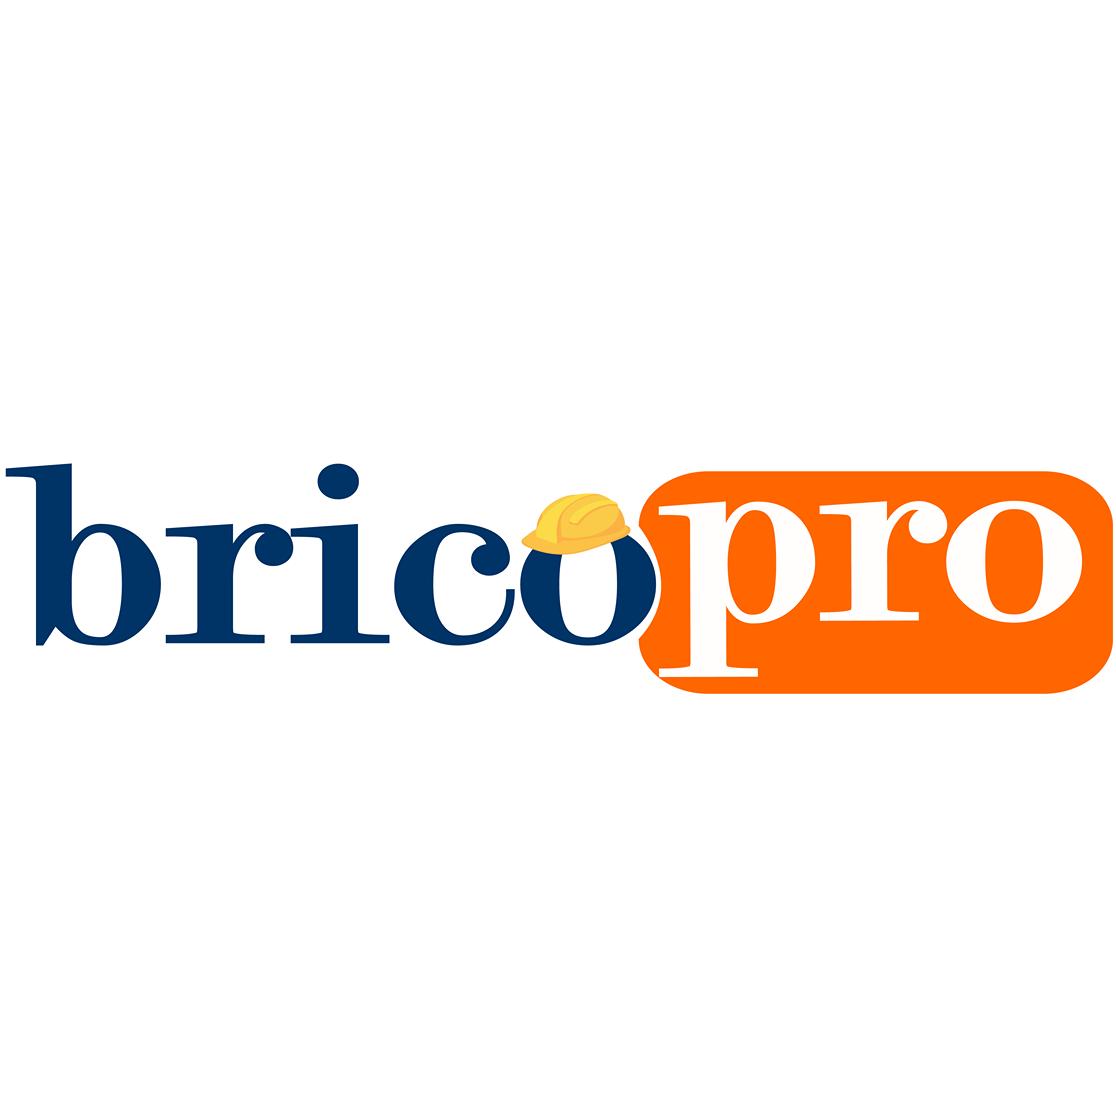 BricoPRO Black Friday